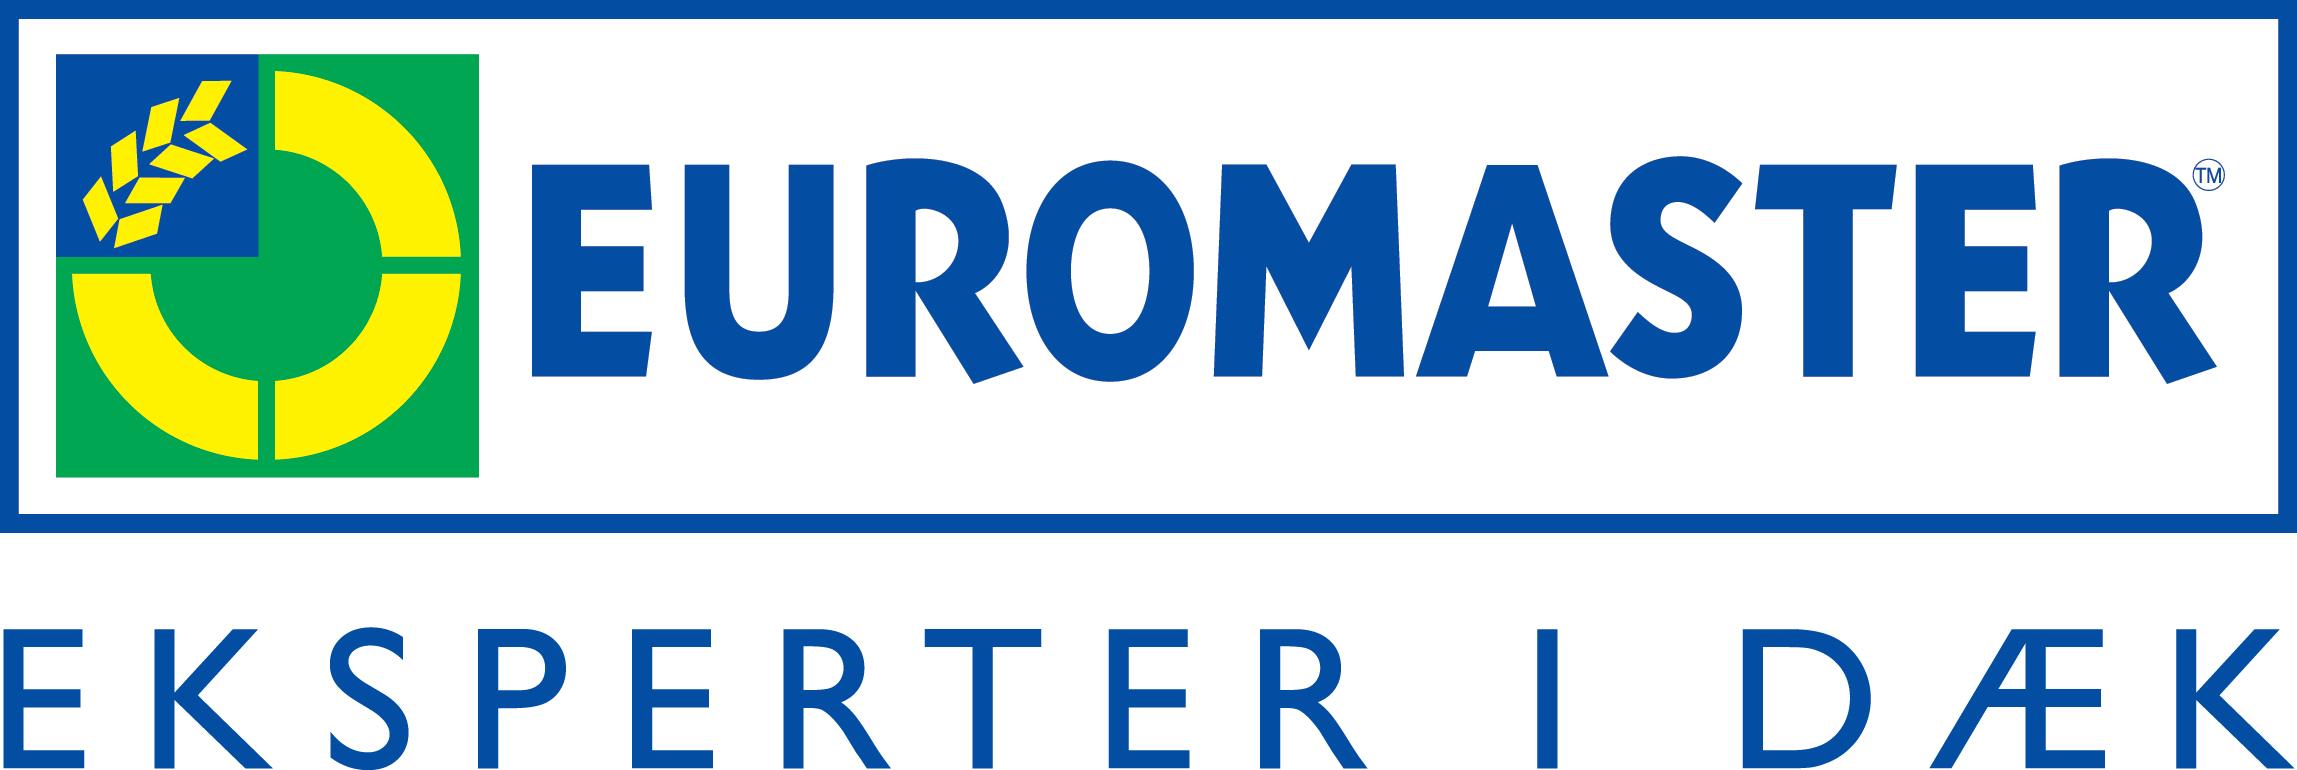 Euromaster Esbjerg logo